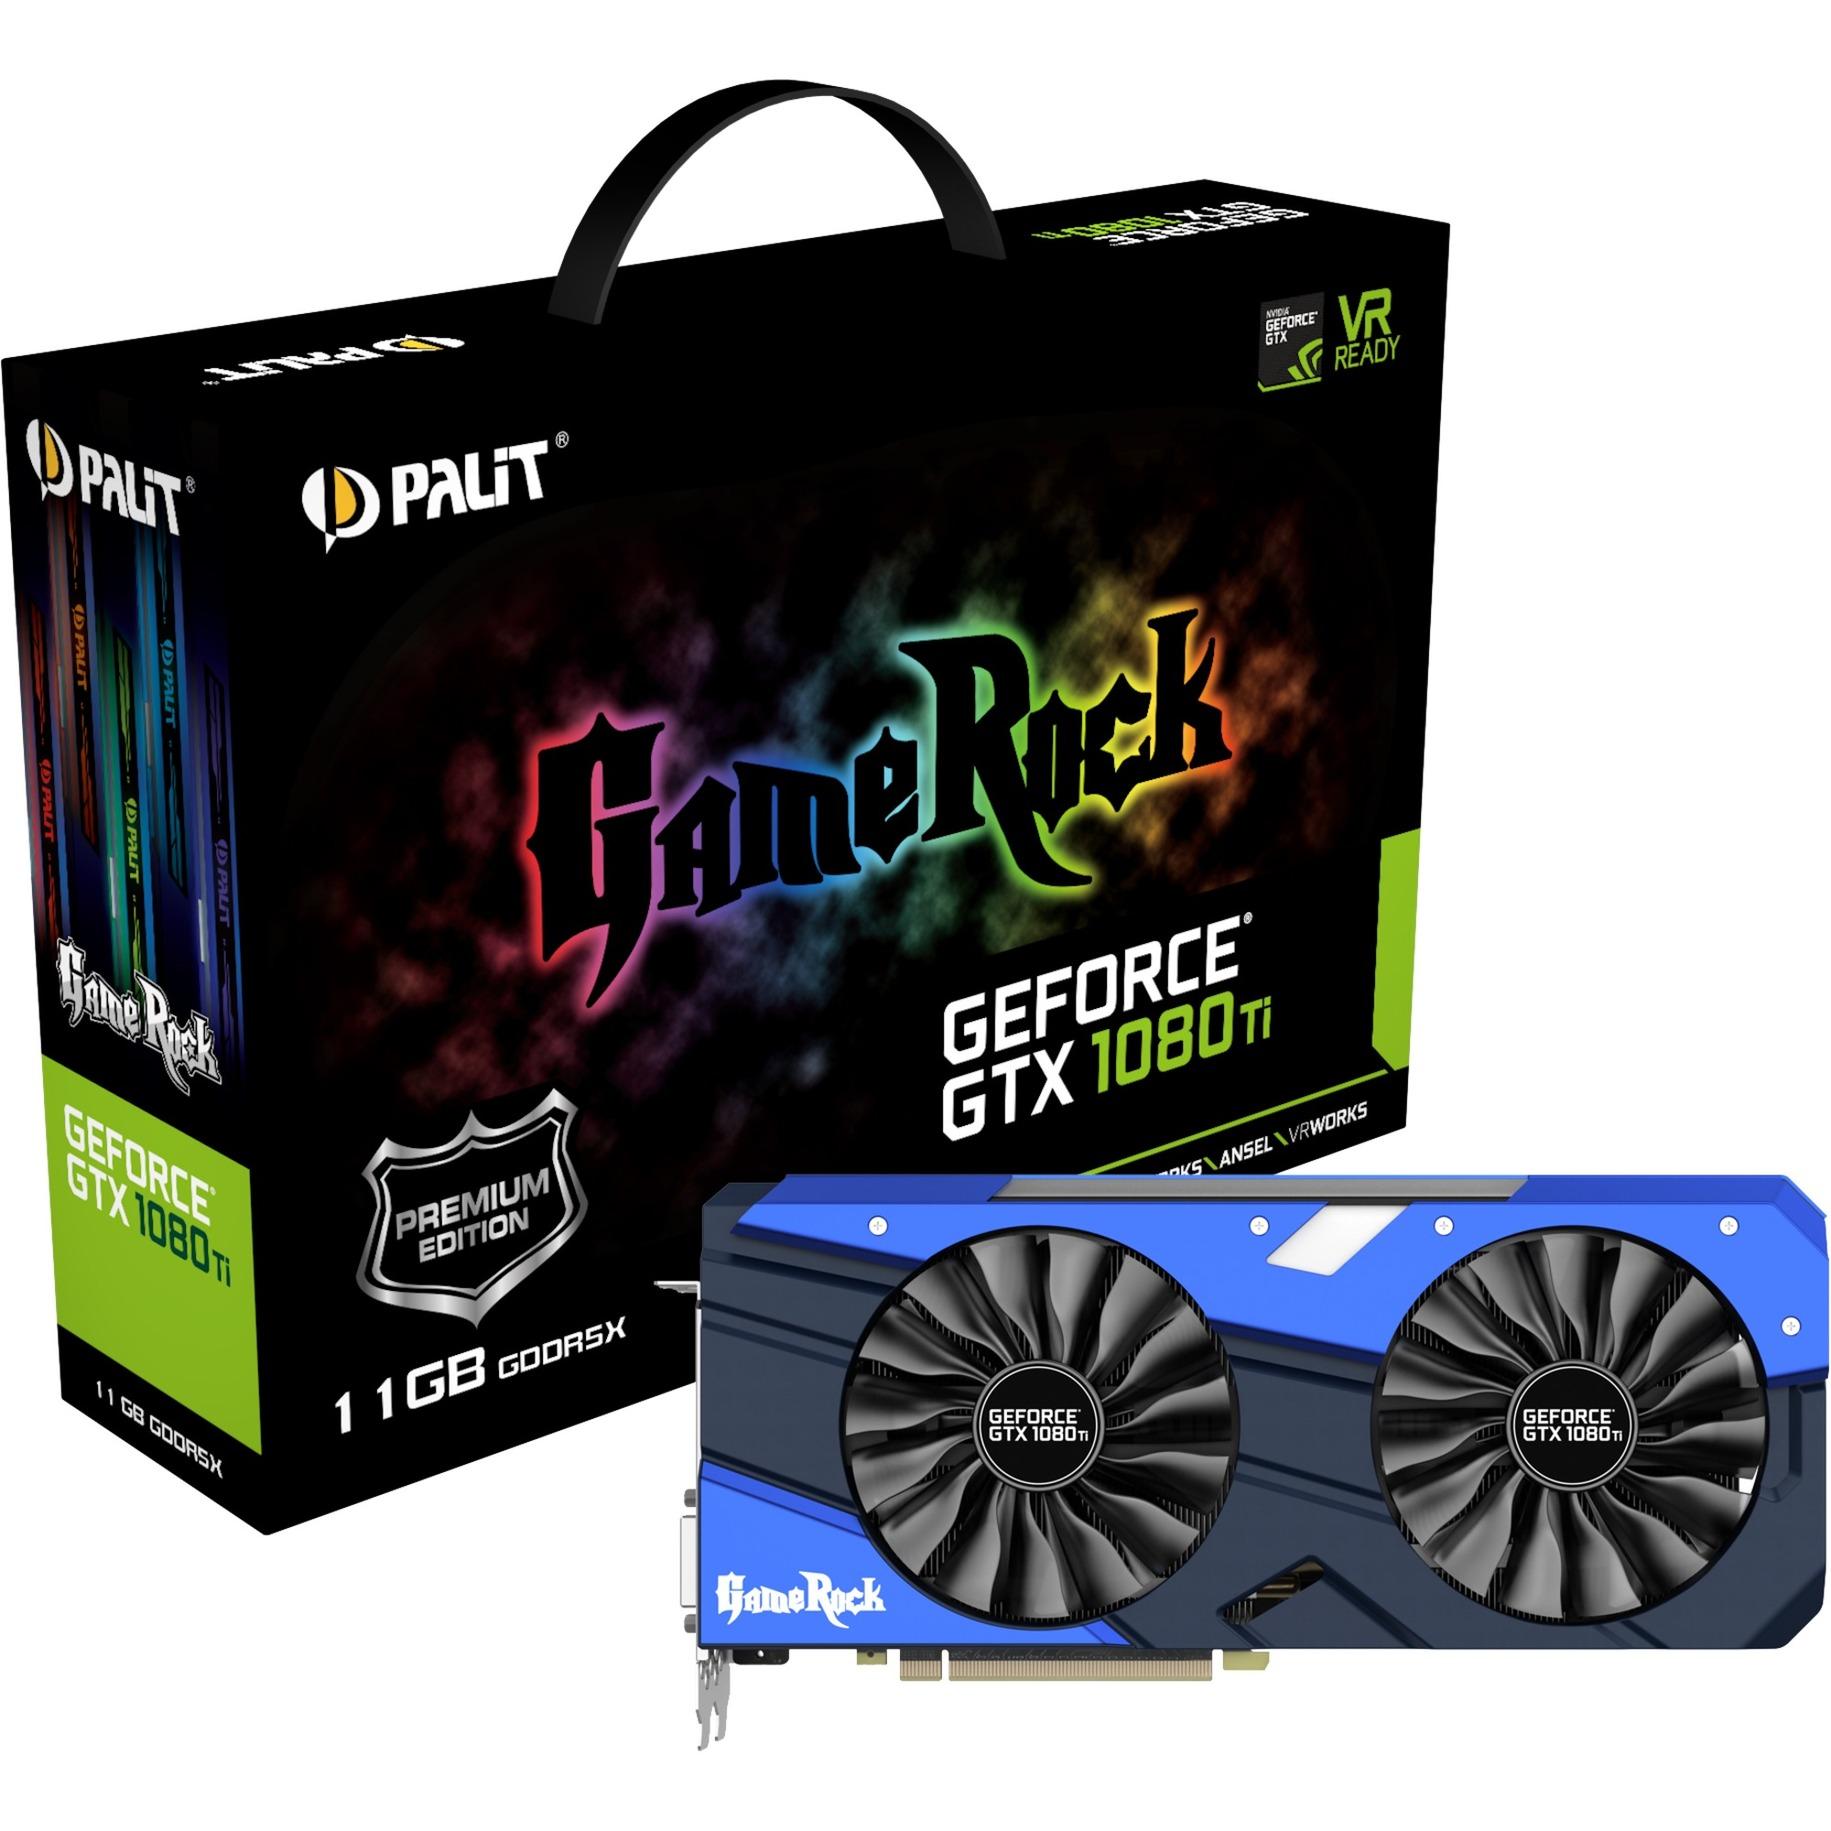 GeForce GTX 1080 Ti Gamerock Premium, Tarjeta gráfica